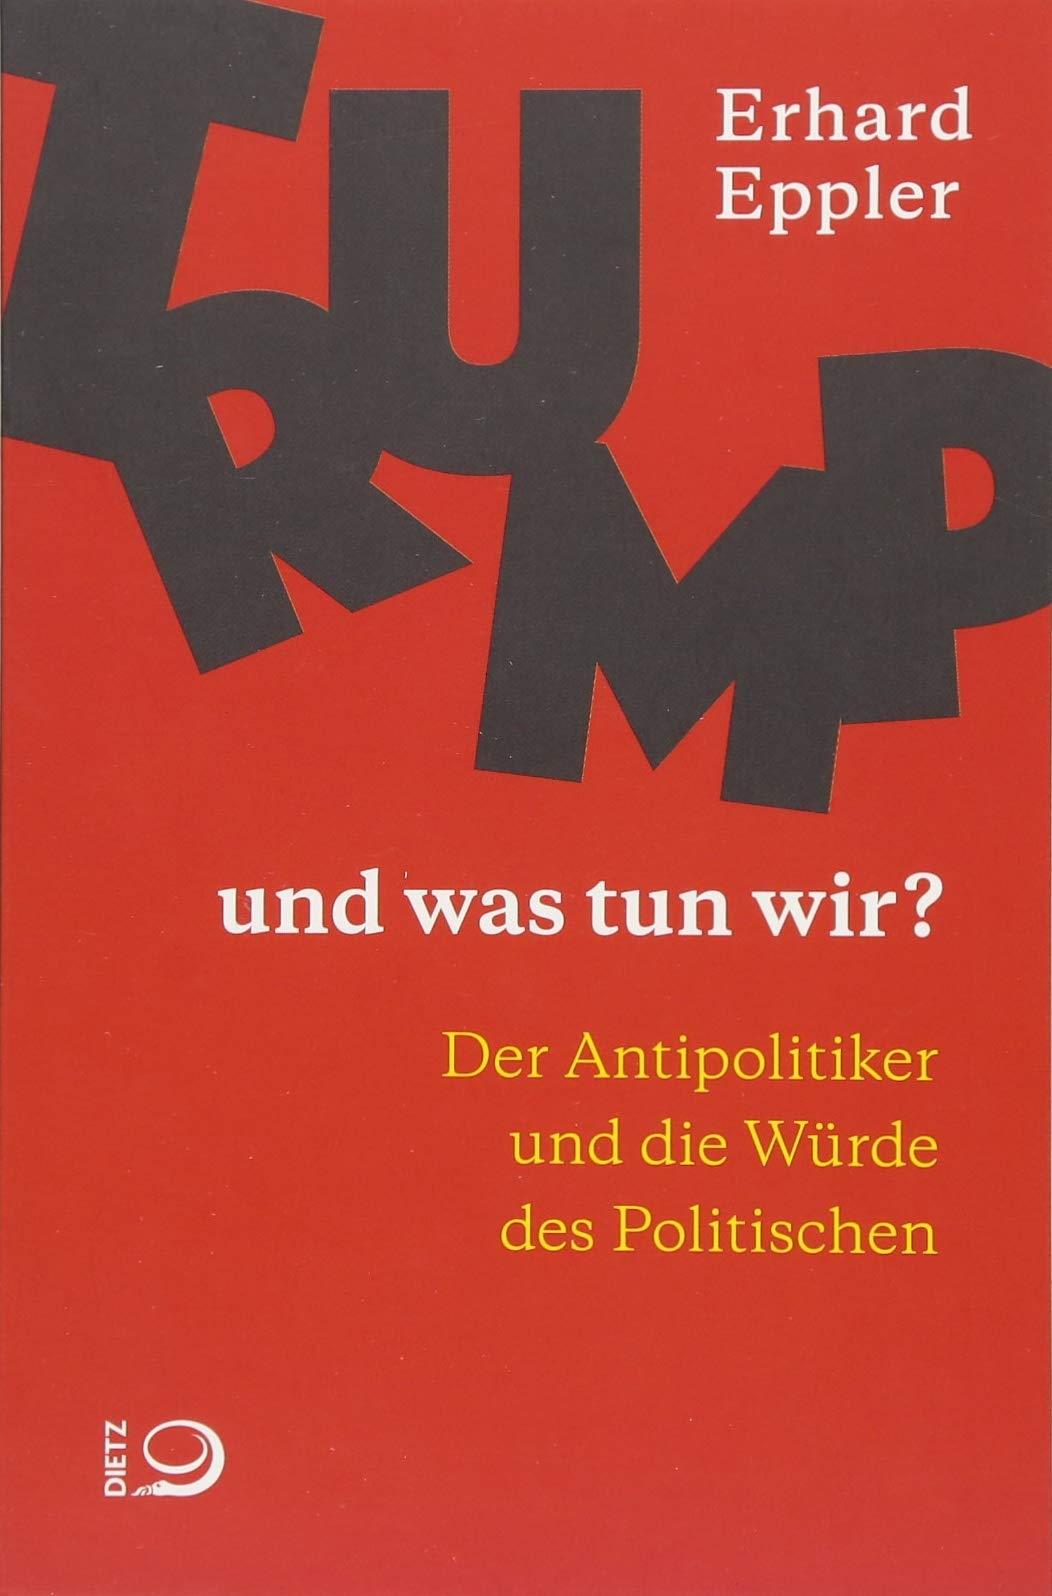 Trump – und was tun wir?: Der Antipolitiker und die Würde des Politischen Taschenbuch – 19. Februar 2018 Erhard Eppler Dietz J H 3801205290